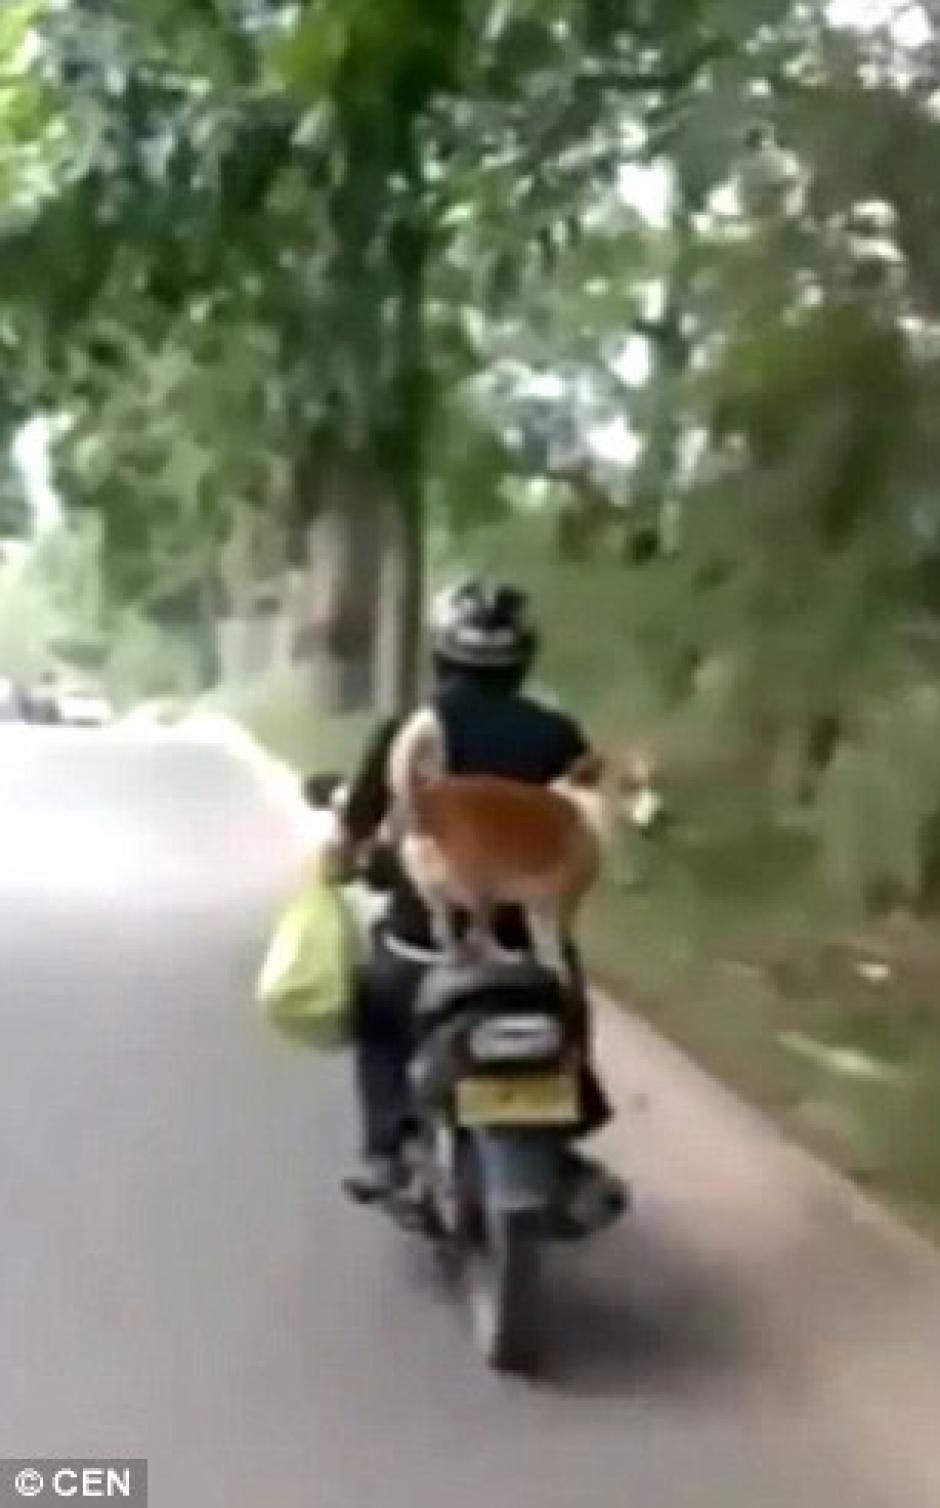 El video que muestra la aventura dura 40 segundos. (Captura de pantalla: Daily Mail)